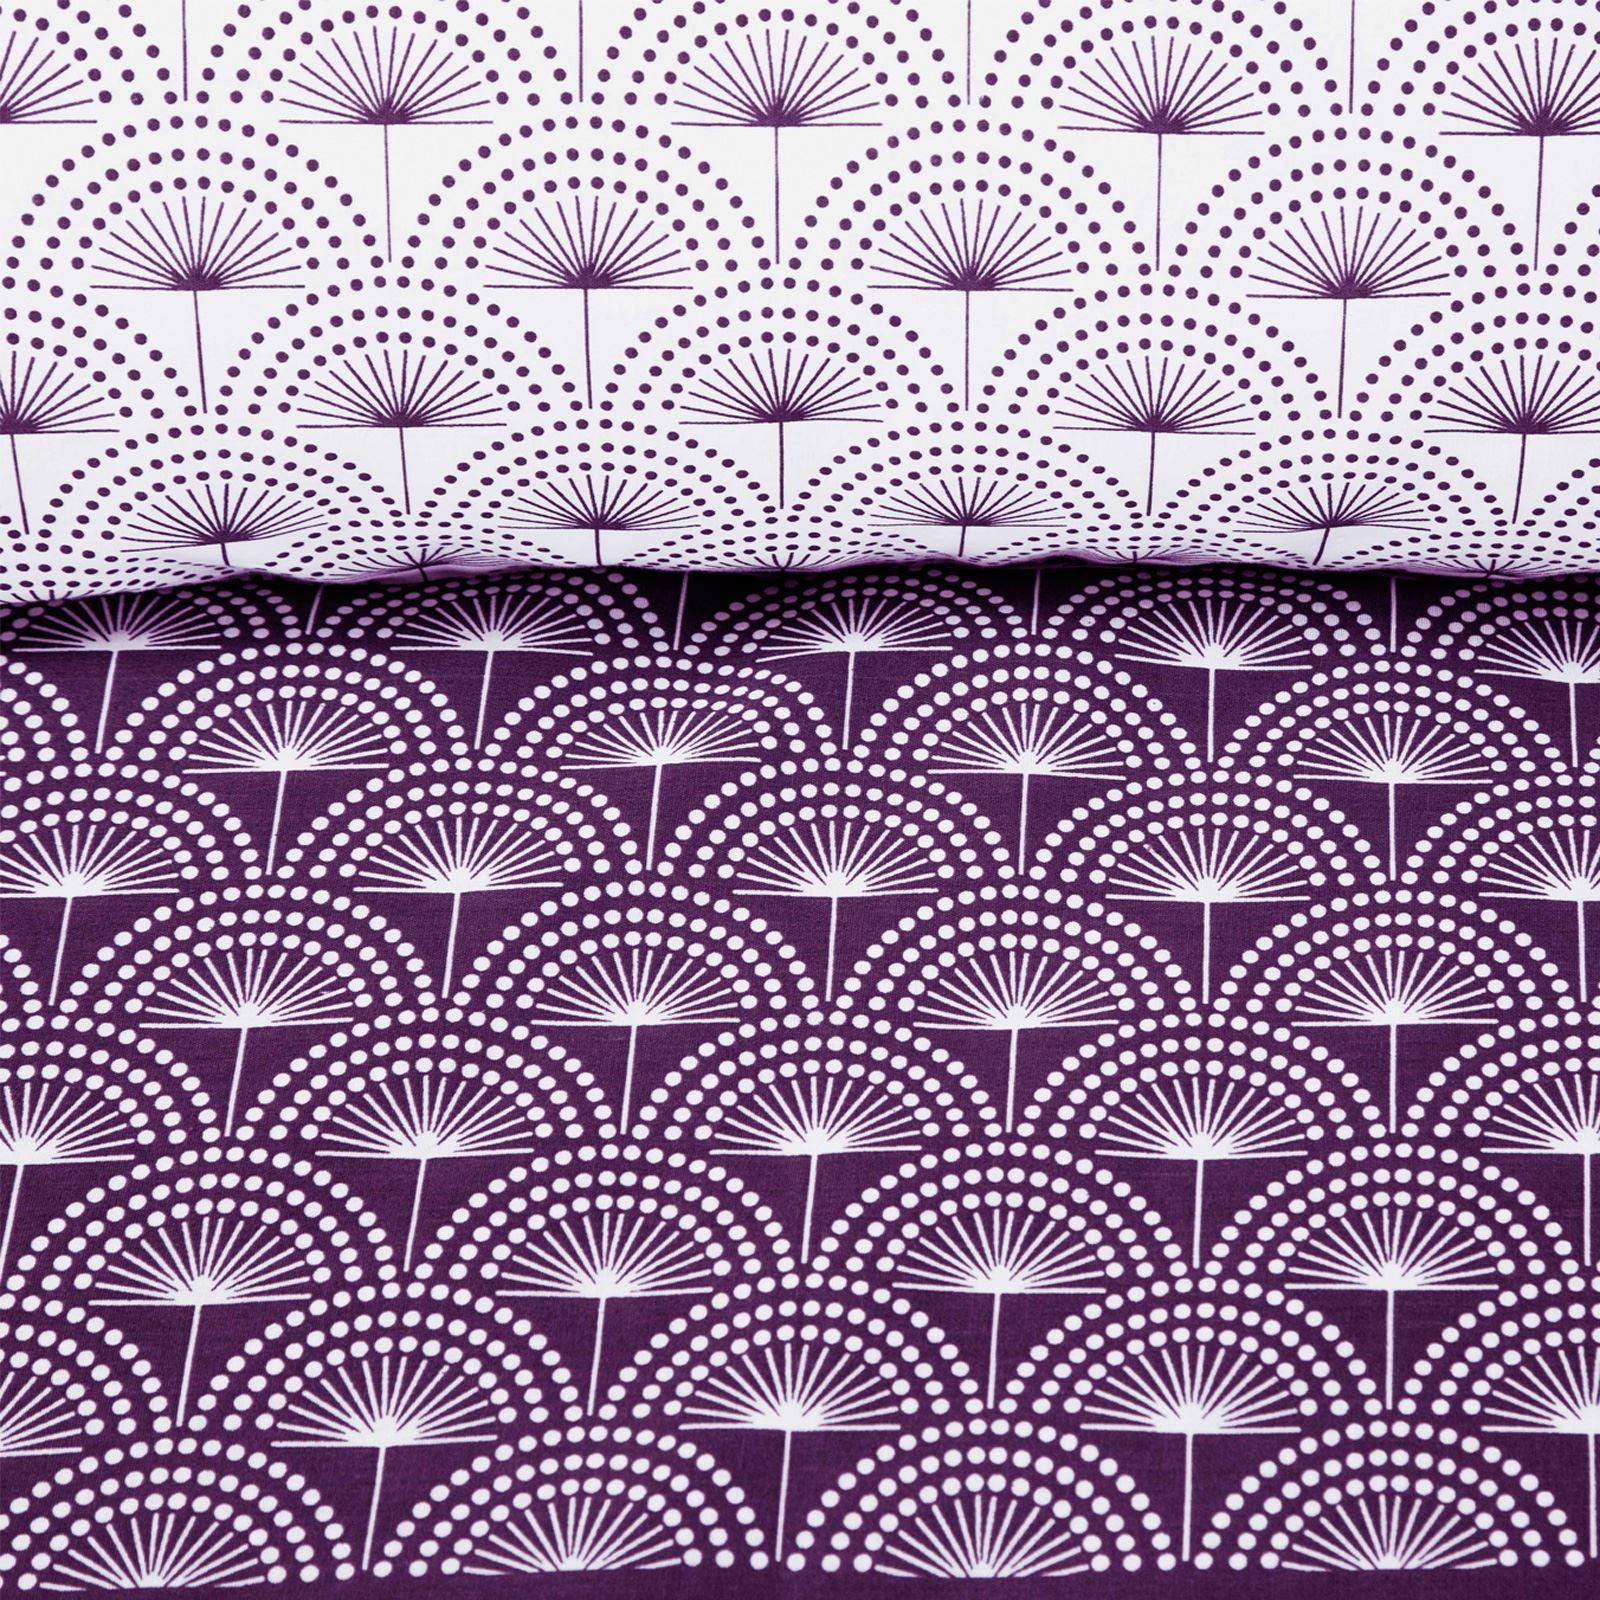 Paloma-Floral-Diente-de-leon-Wallpaper-100-algodon-acolchado-funda-nordica-conjunto-de-ropa-de-cama miniatura 7